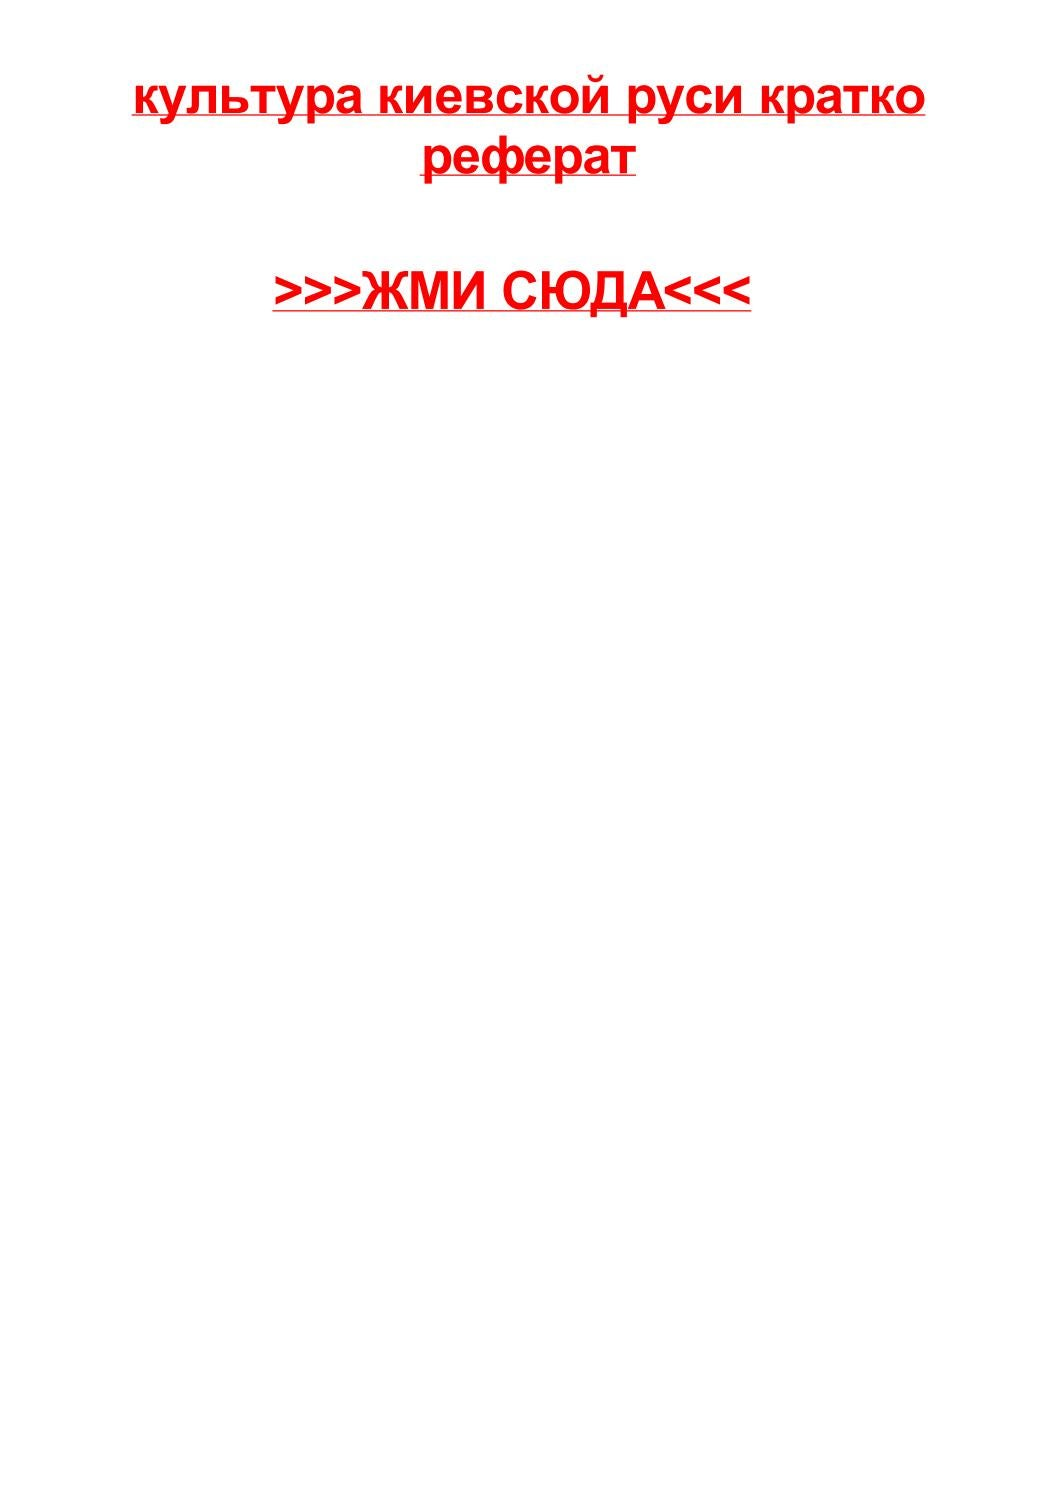 Реферат по теме культура киевской руси 6583